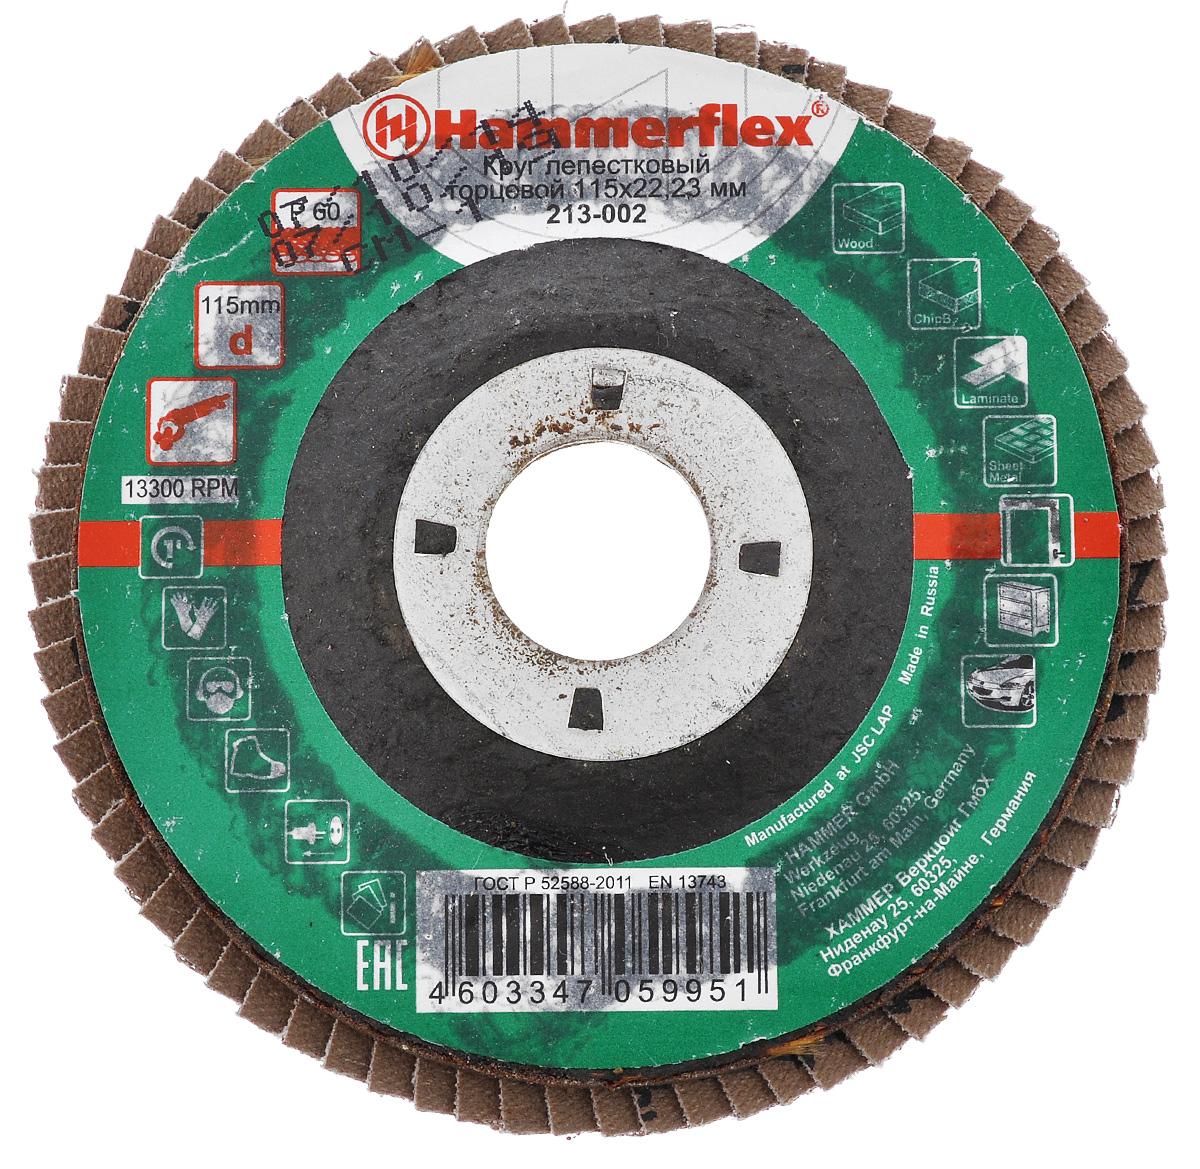 Круг лепестковый Hammerflex, торцевой, 115 мм х 22 мм, зерно 6029428Лепестковый торцевой круг Hammerflex предназначен для торцевого и плоского шлифования, обработки кромок и сварных швов деталей и конструкций из различных марок сталей и цветных металлов. Техническая тканевая основа: - высокая прочность, гибкость и износостойкость; - водостойкая пропитка; - низкое растяжение основы при работе; - грунтование - нанесения покрытия на нерабочую обратную сторону. Связующий состав: - искусственная смола, обладающая повышенной износоустойчивостью; - оптимальное отведение тепла от зерна в процессе работы; - оптимально подобраны характеристики эластичности и жесткости. Шлифовальный (абразивный) материал: - синтетический материал оксид алюминия (электрокорунд Al2O3) - высокая твердость, стойкость (прочность) и острые края зерна; - самозатачивание зерна в процессе шлифования; - синтетическое покрытие зерна увеличивает срок службы и усиливает шлифовальные свойства (стойкость к...